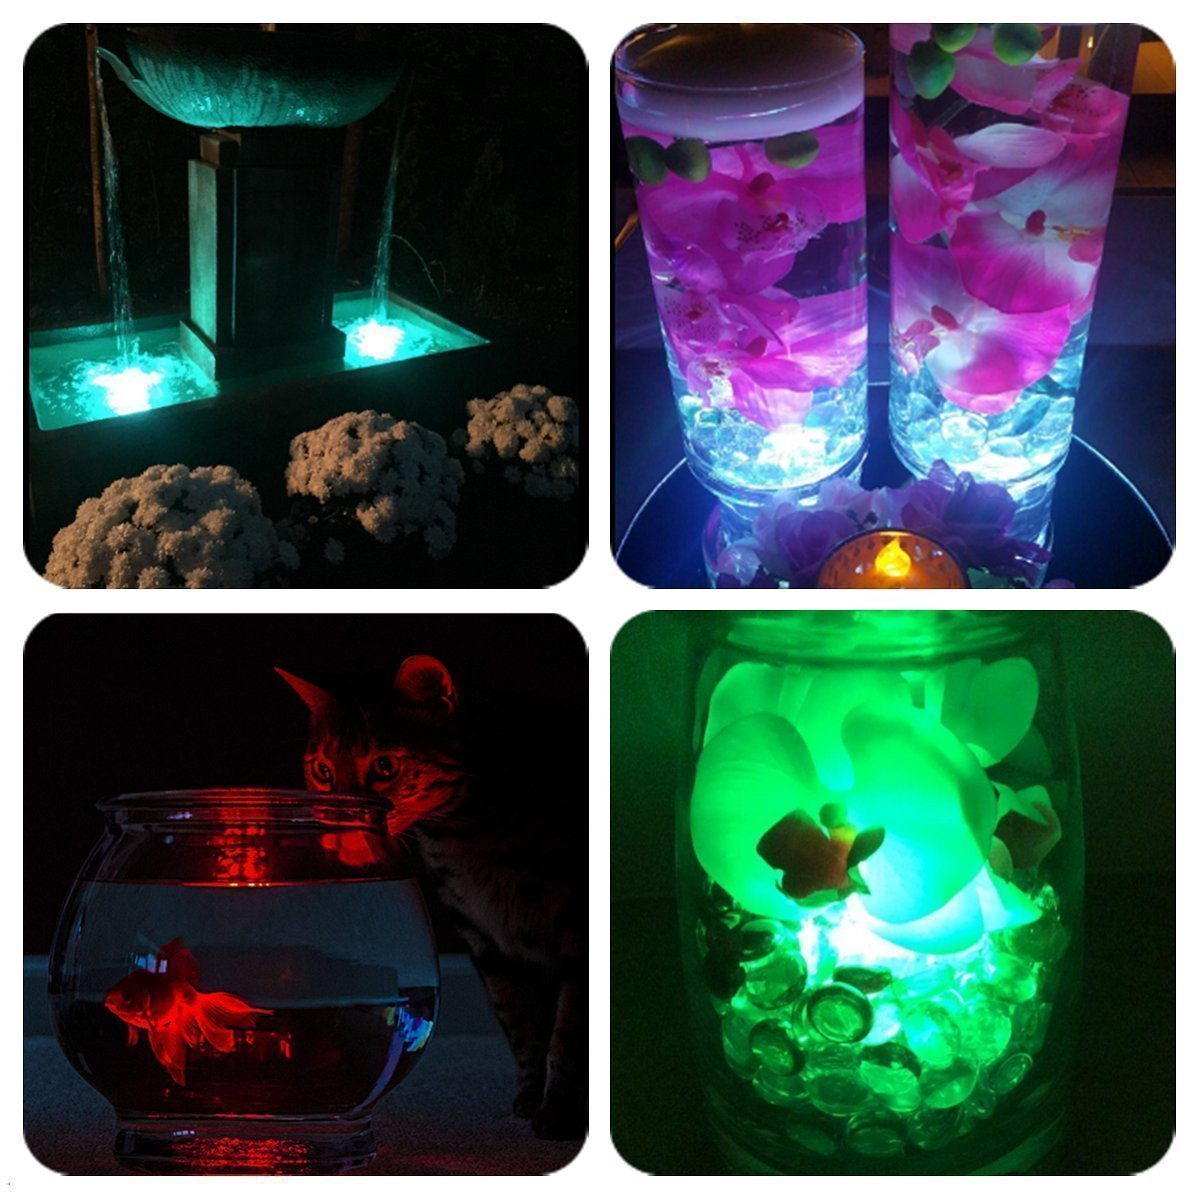 Allescool Luci sommergibili a LED ,Luce Subacquea con Telecomando RGB ,Mini Vaso Floreale Base Luce, Multicolor Pond Nuoto Decorazione con Decorazione di Partito 2 pezzi (Lavello)